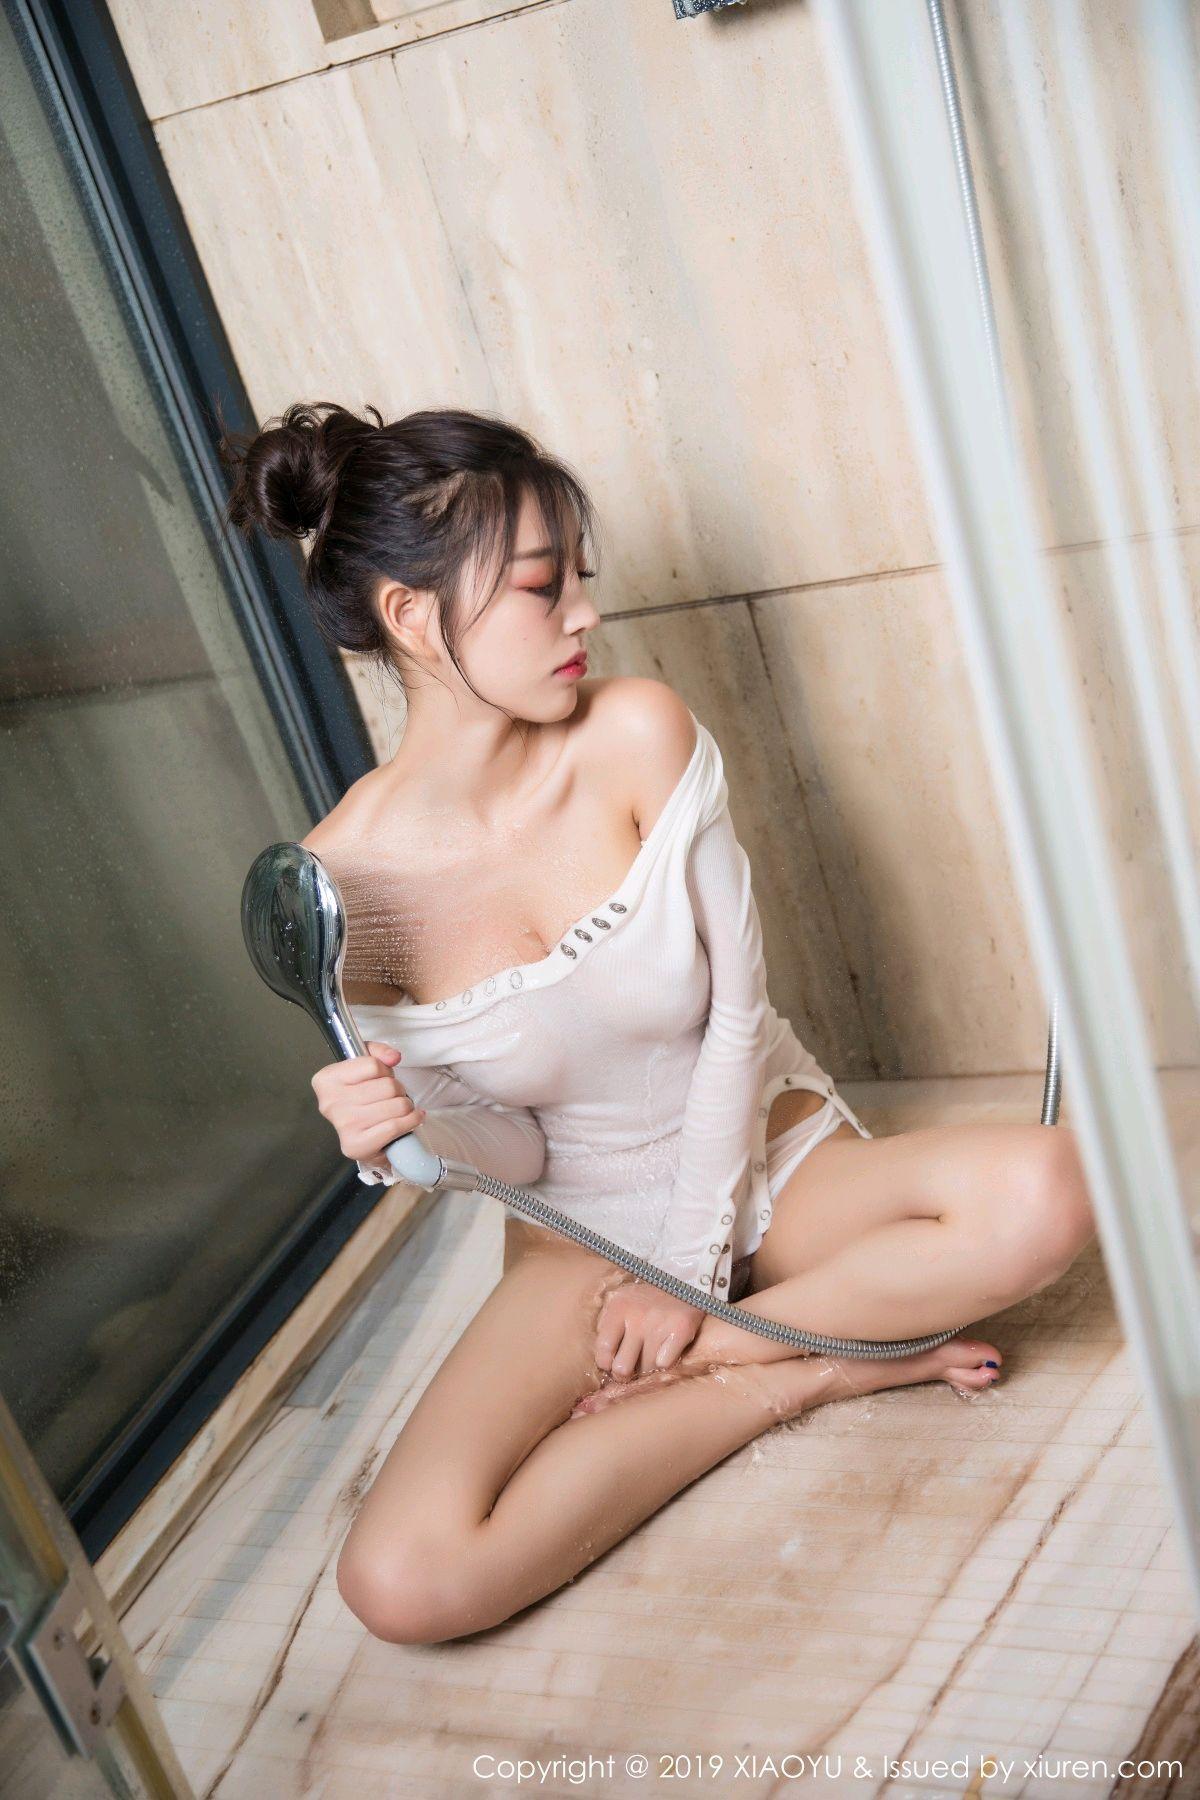 [XiaoYu] Vol.025 Yang Chen Chen 35P, Bathroom, Wet, XiaoYu, Yang Chen Chen